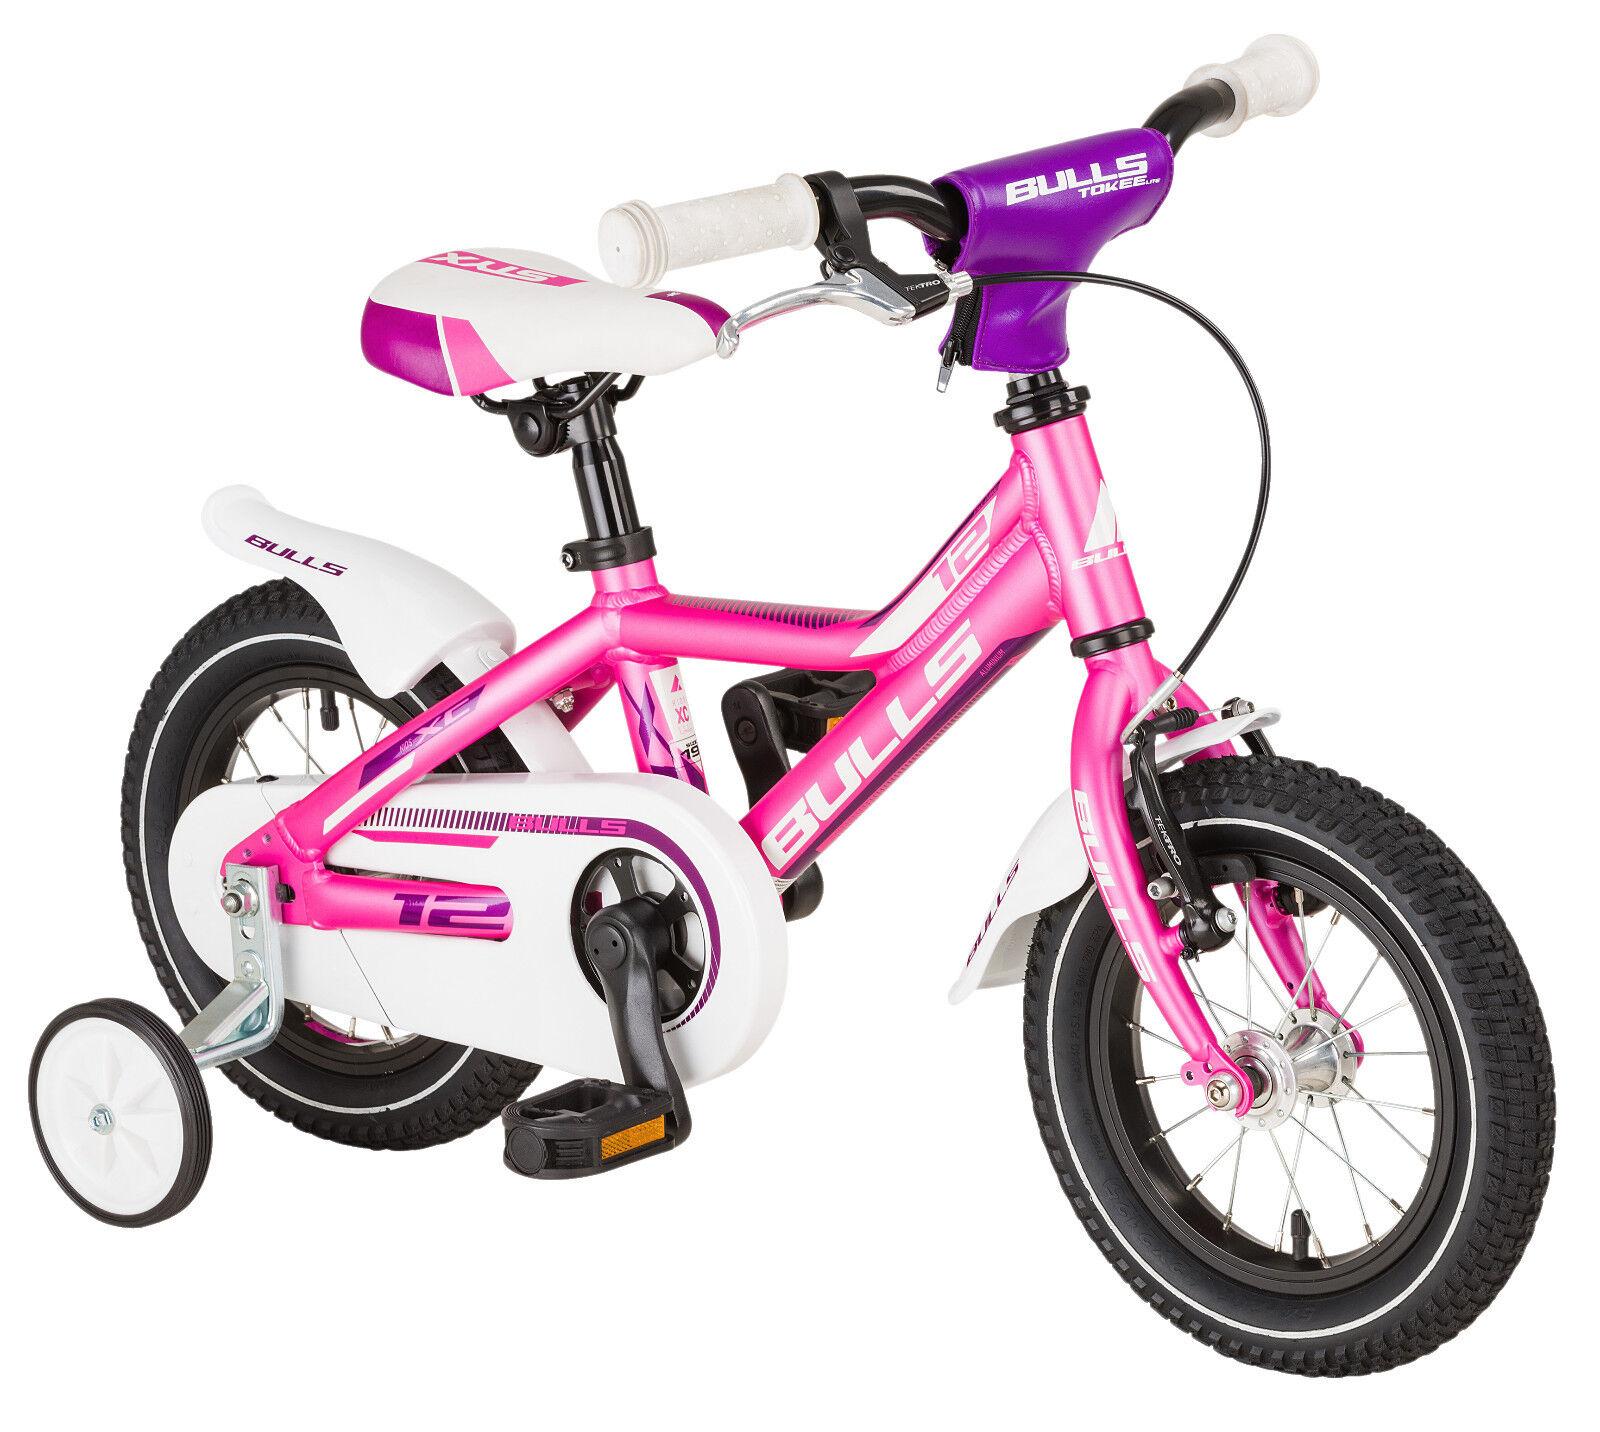 Bulls Enfants Enfants Enfants Vélo Tokee Lite 12 in Rose Mat ATB pour Kids 8d3719